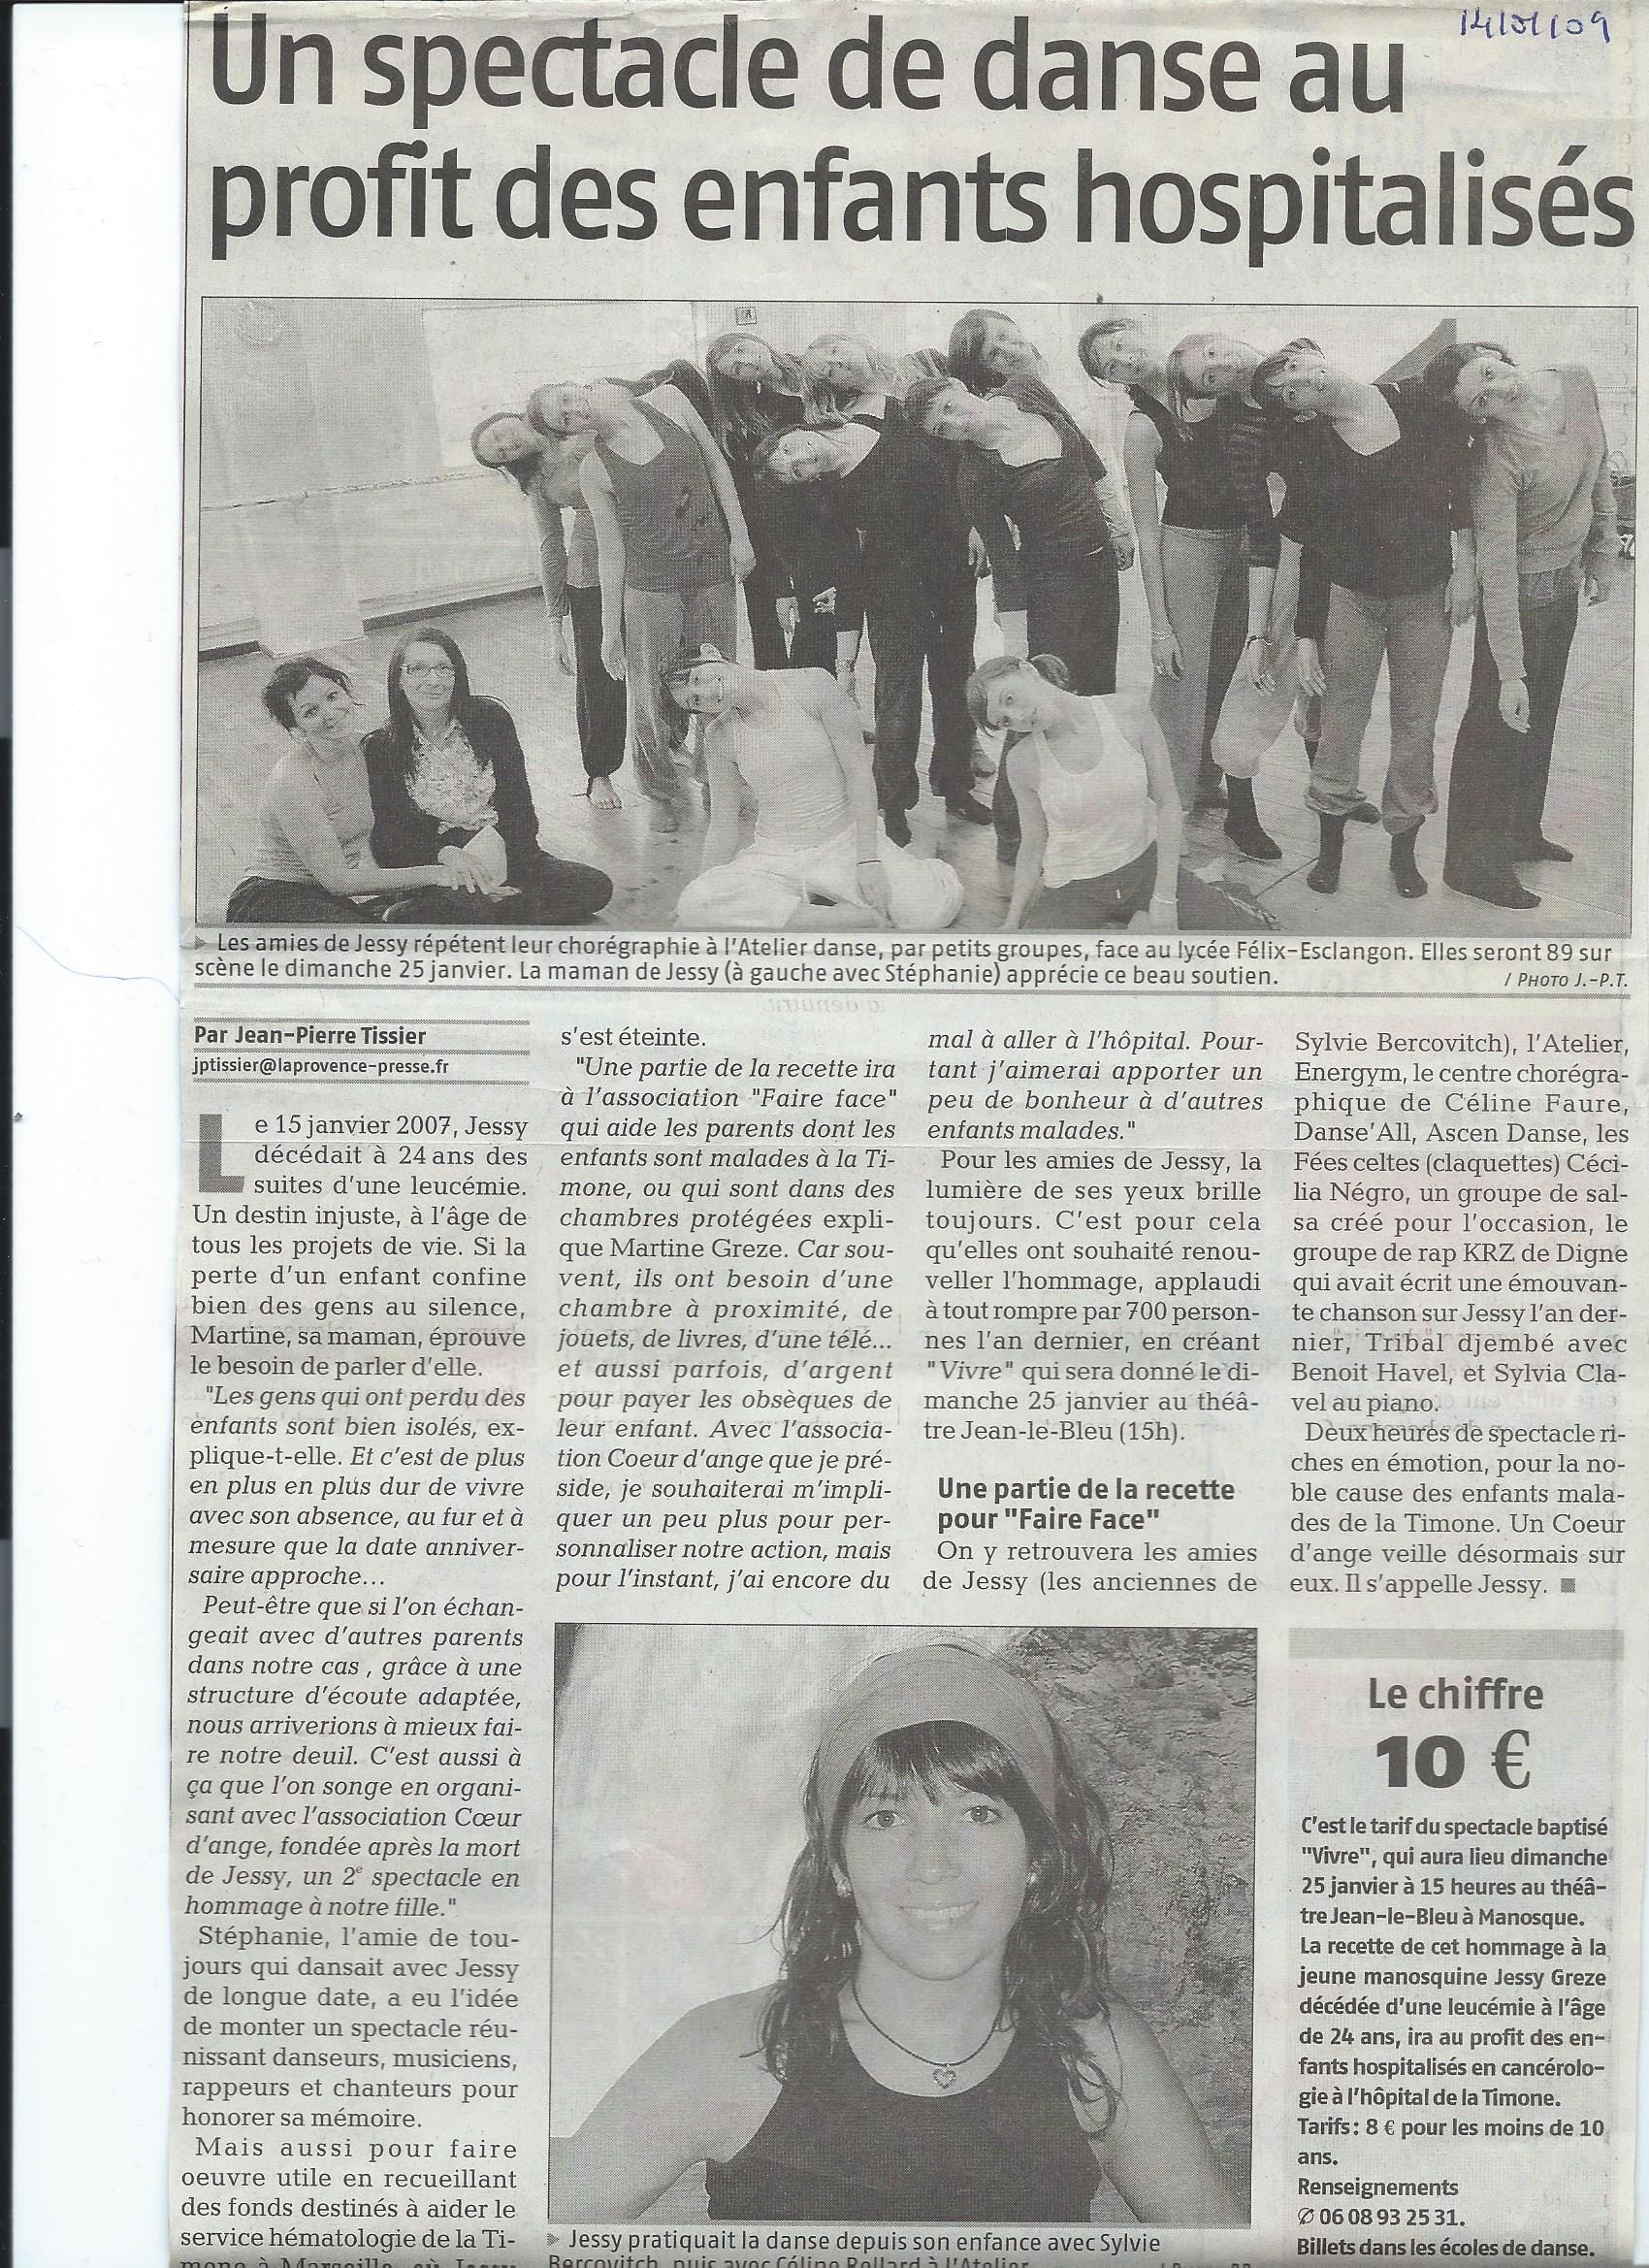 2009 vivre (3)